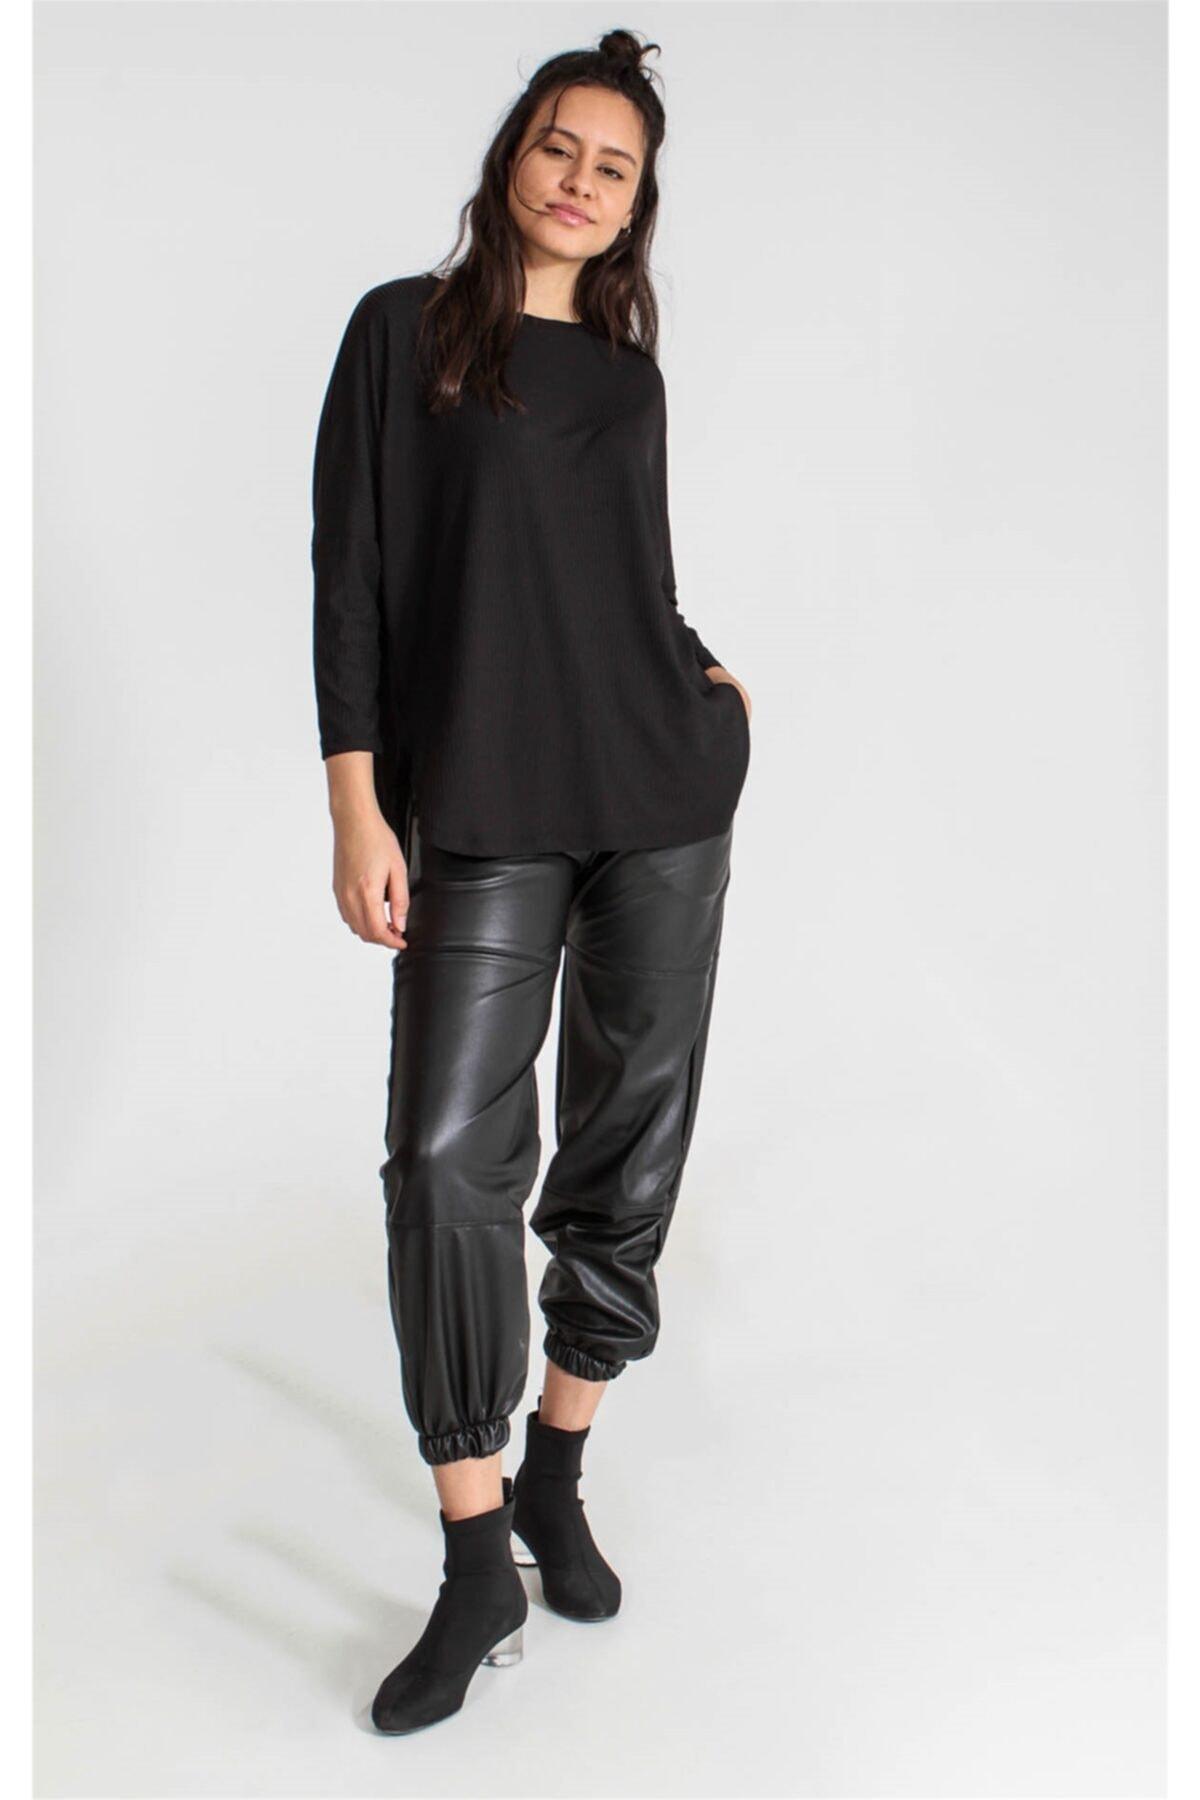 Collezione Sıyah Kadın Örme Tshirt 2